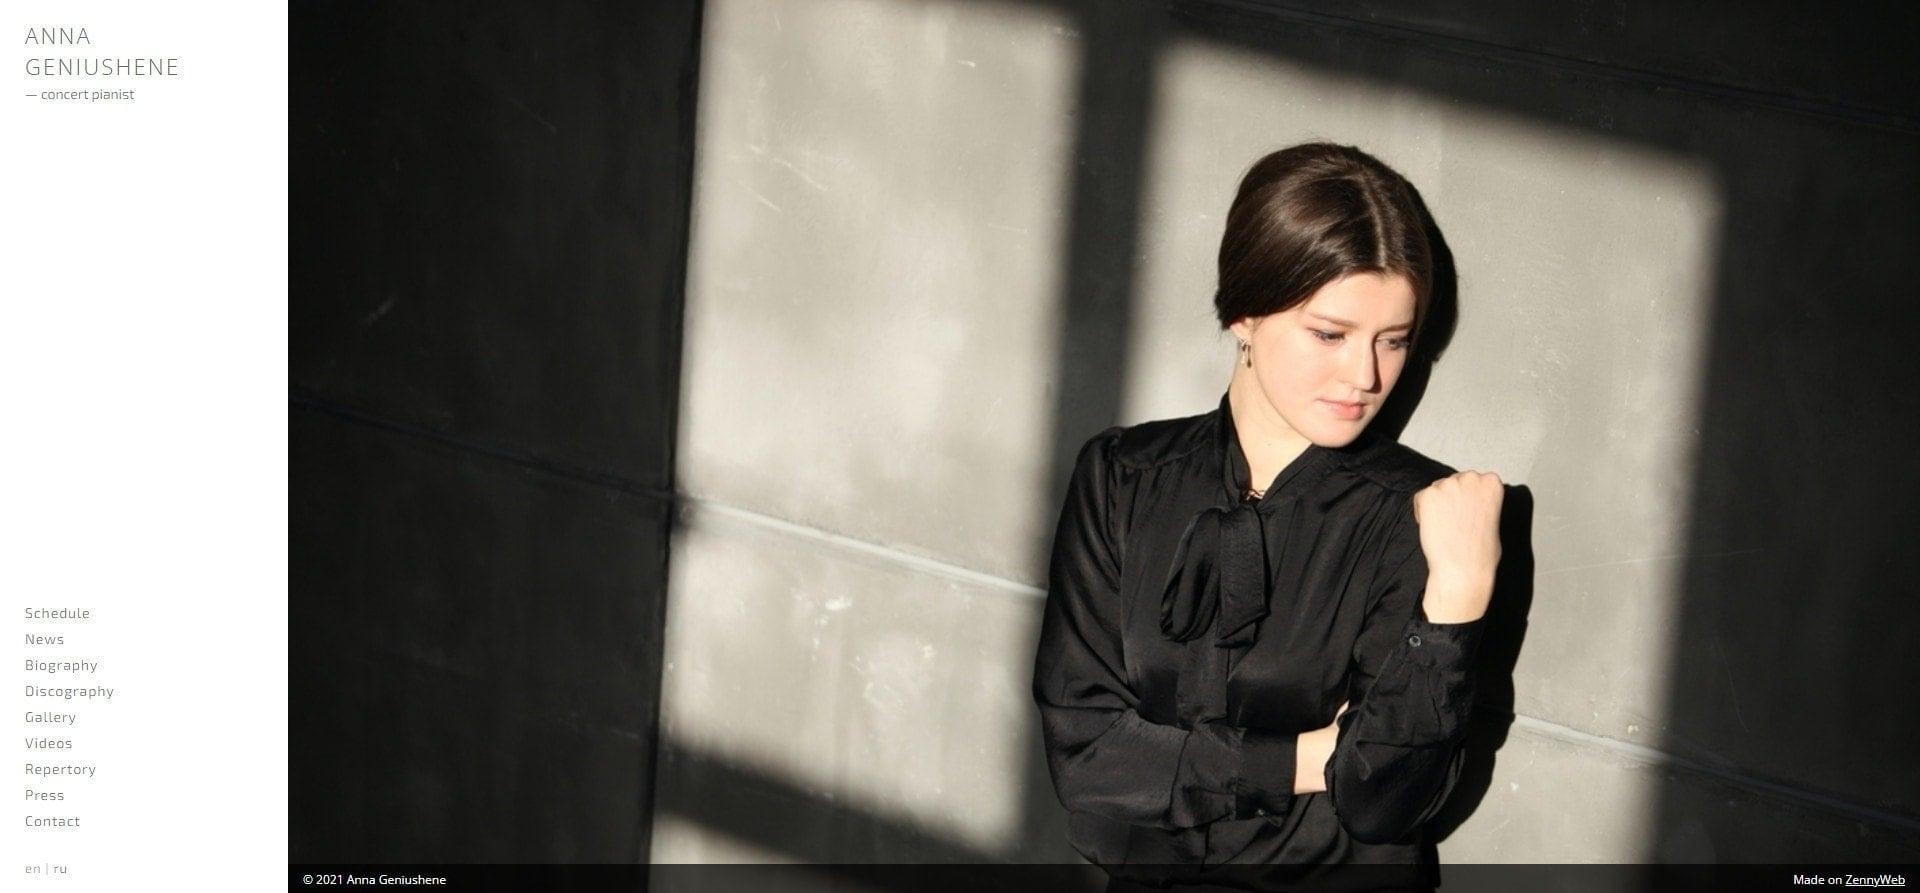 Сайт пианистки Анны Генюшене, созданный на платформе ZennyWeb